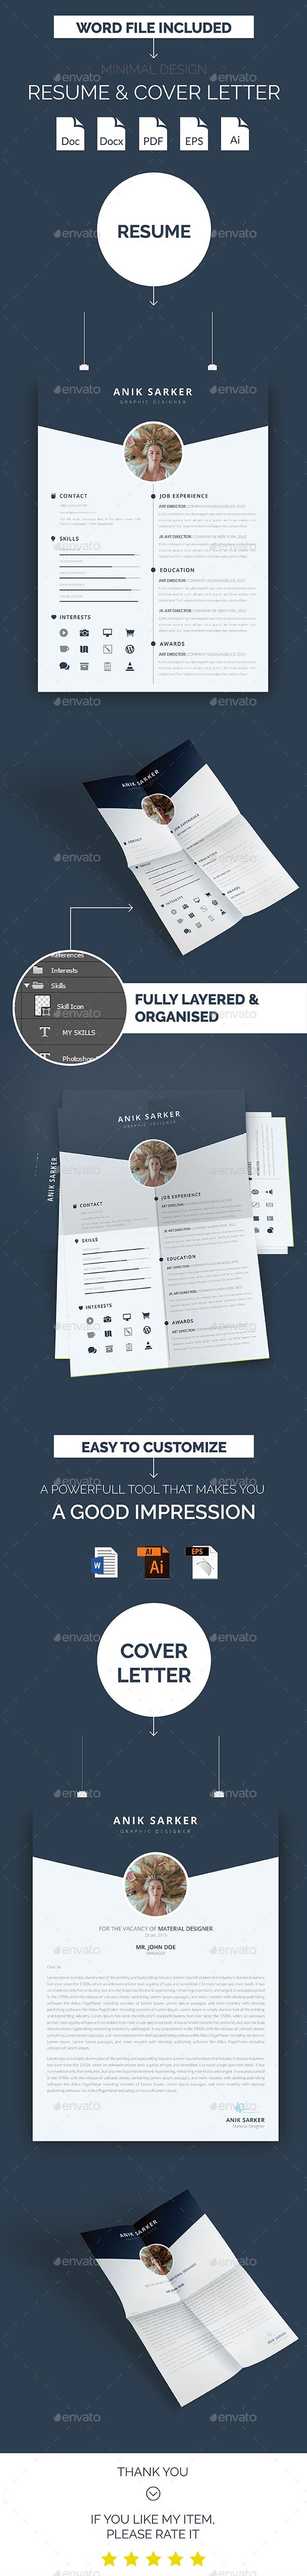 Minimal Design Resume & Cover Letter